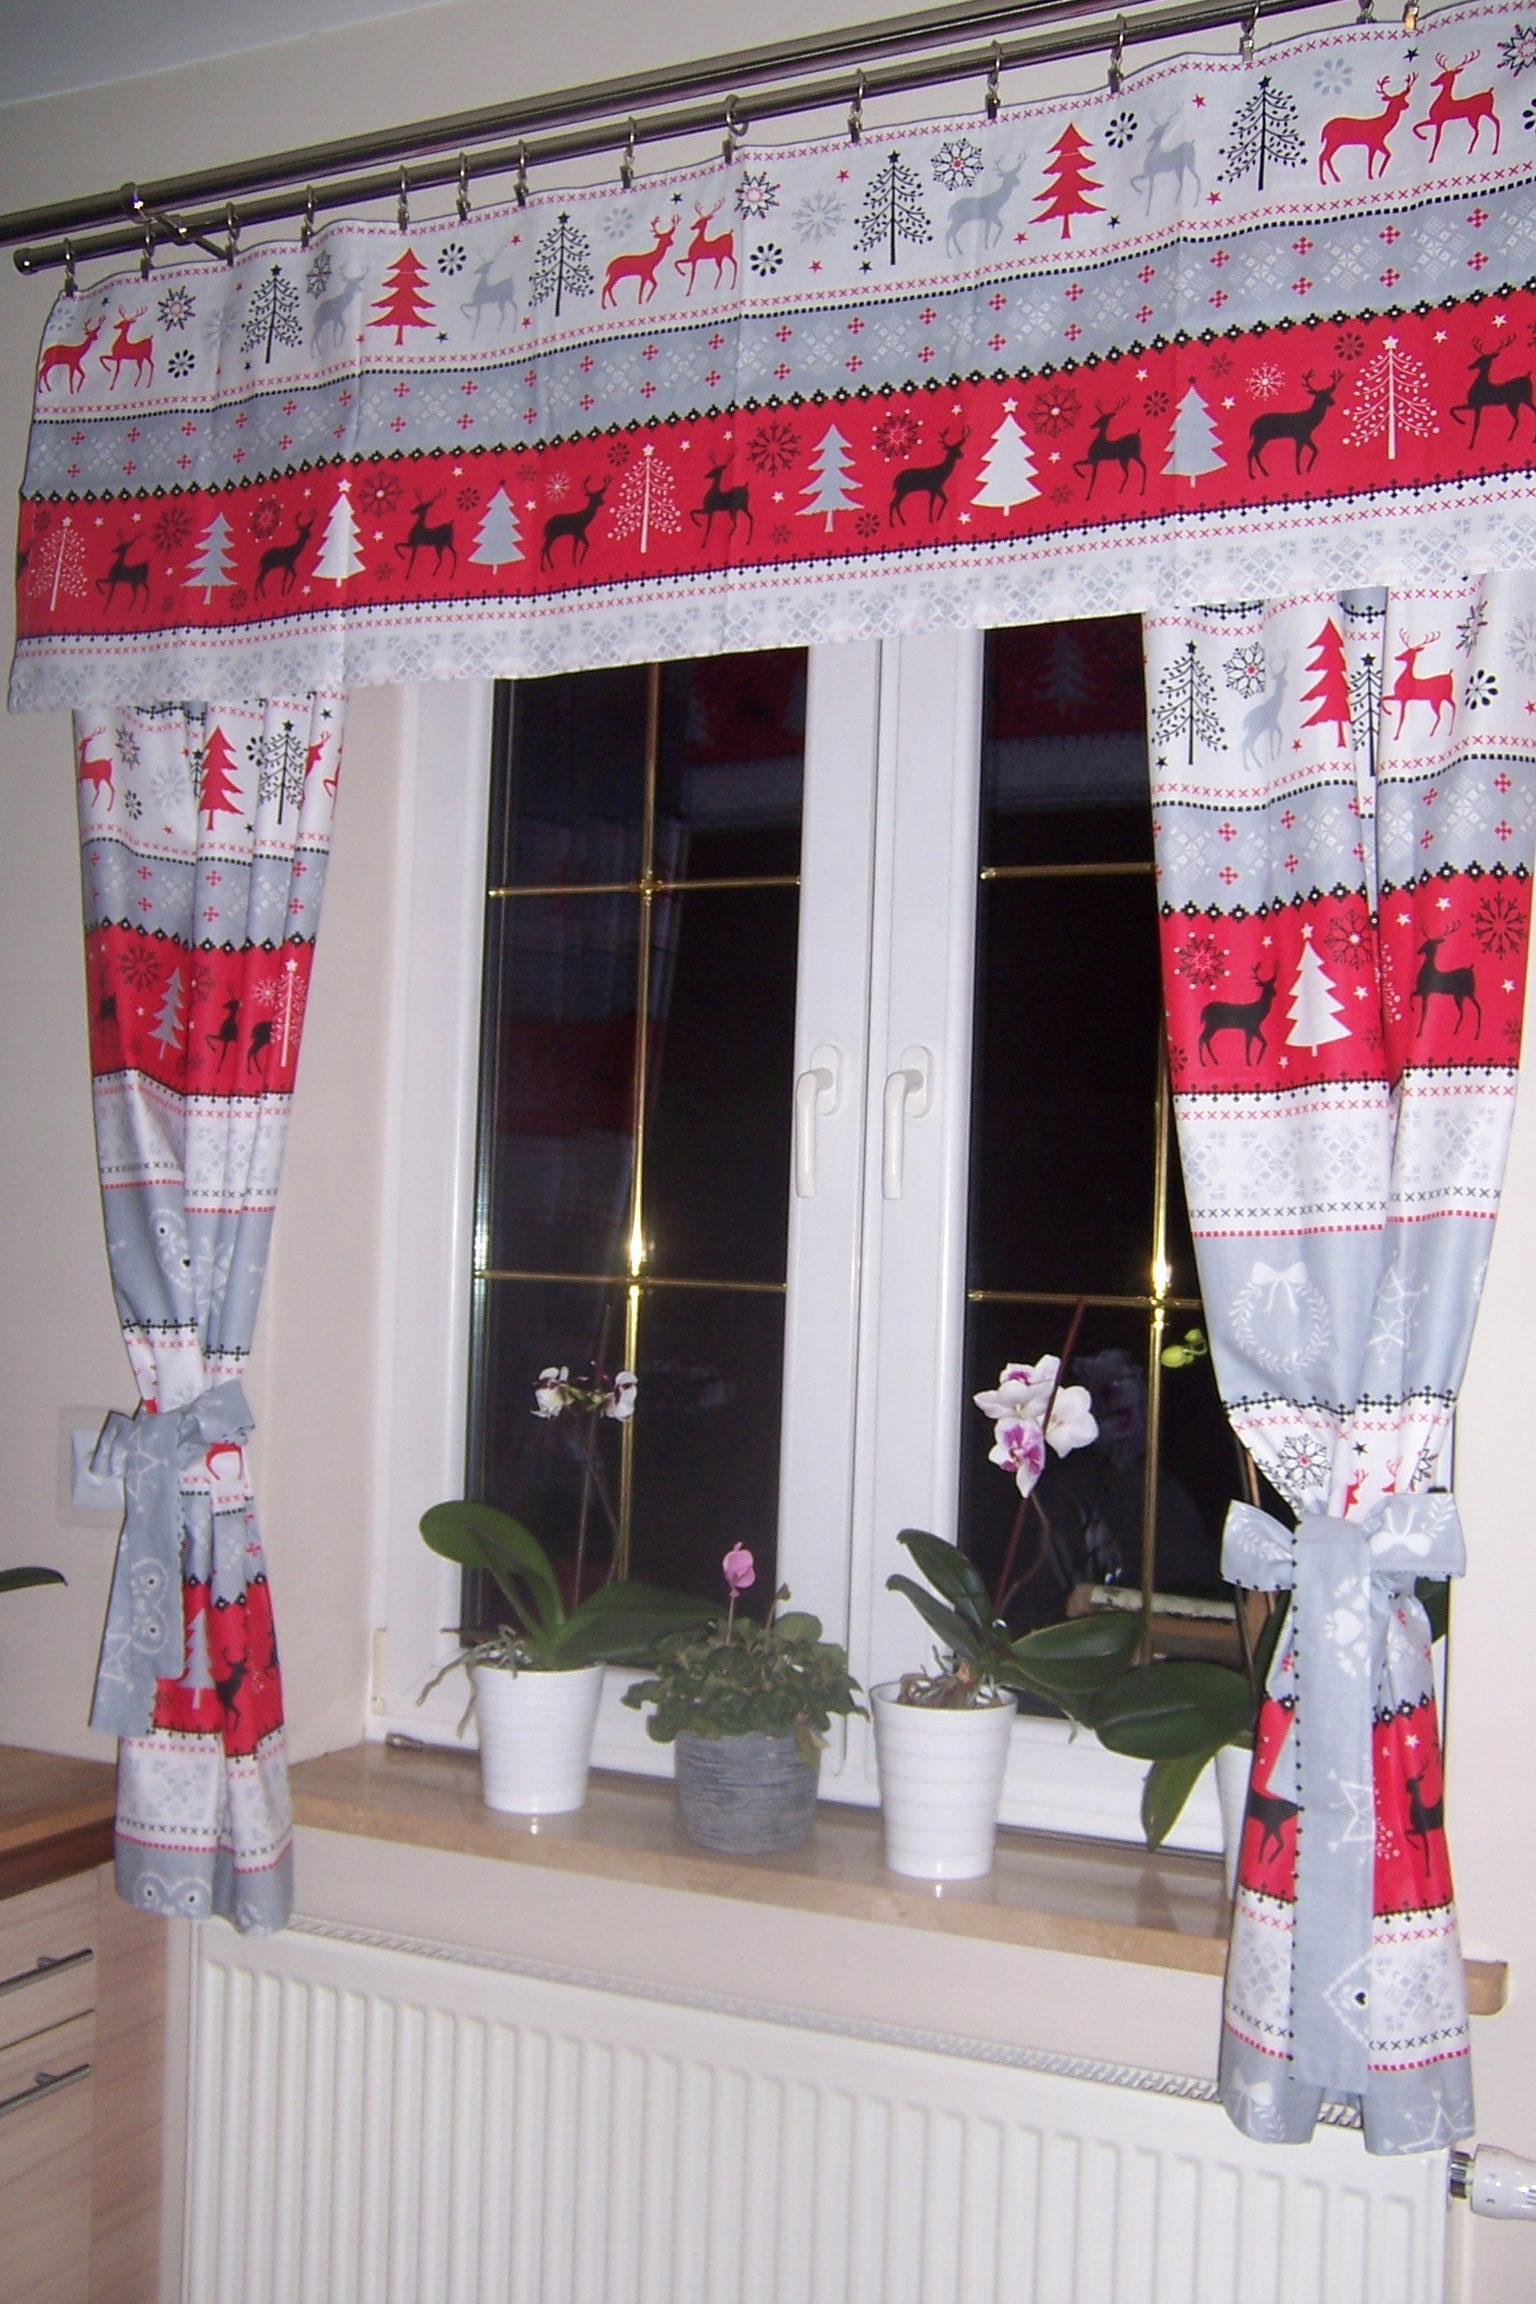 Firana Zasłona świąteczna 7713684050 Oficjalne Archiwum